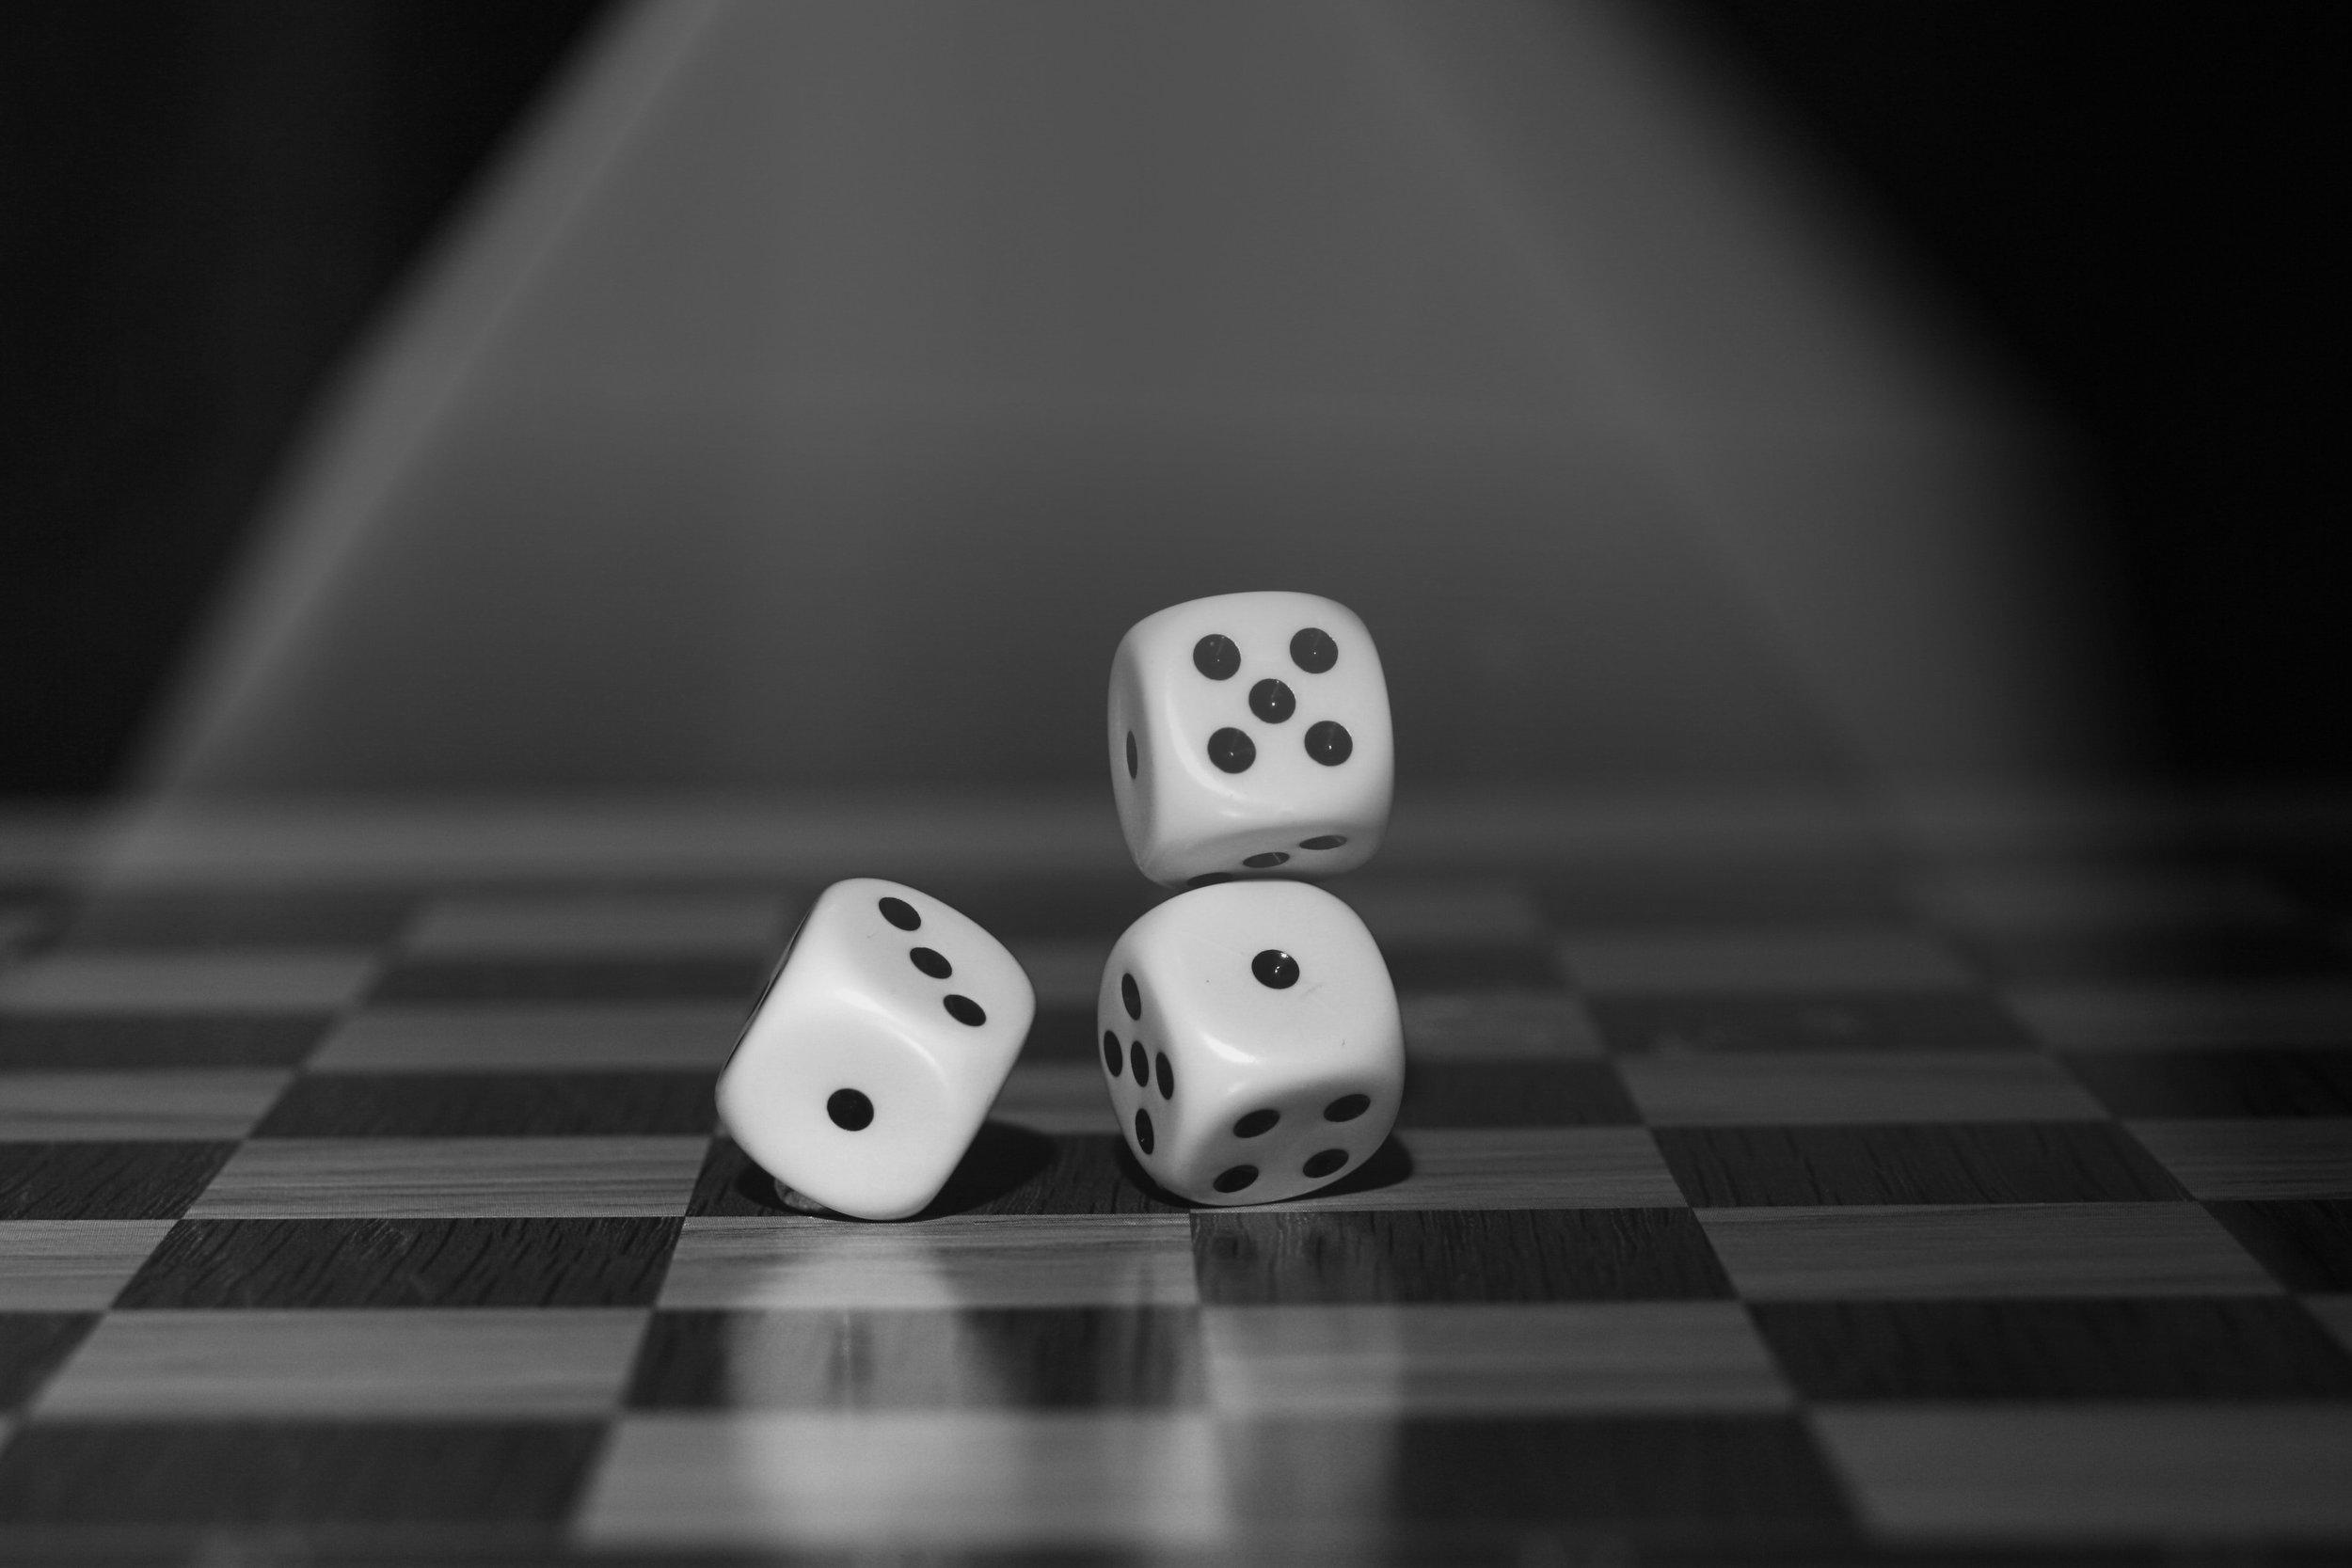 black-and-white-board-board-game-122427.jpg